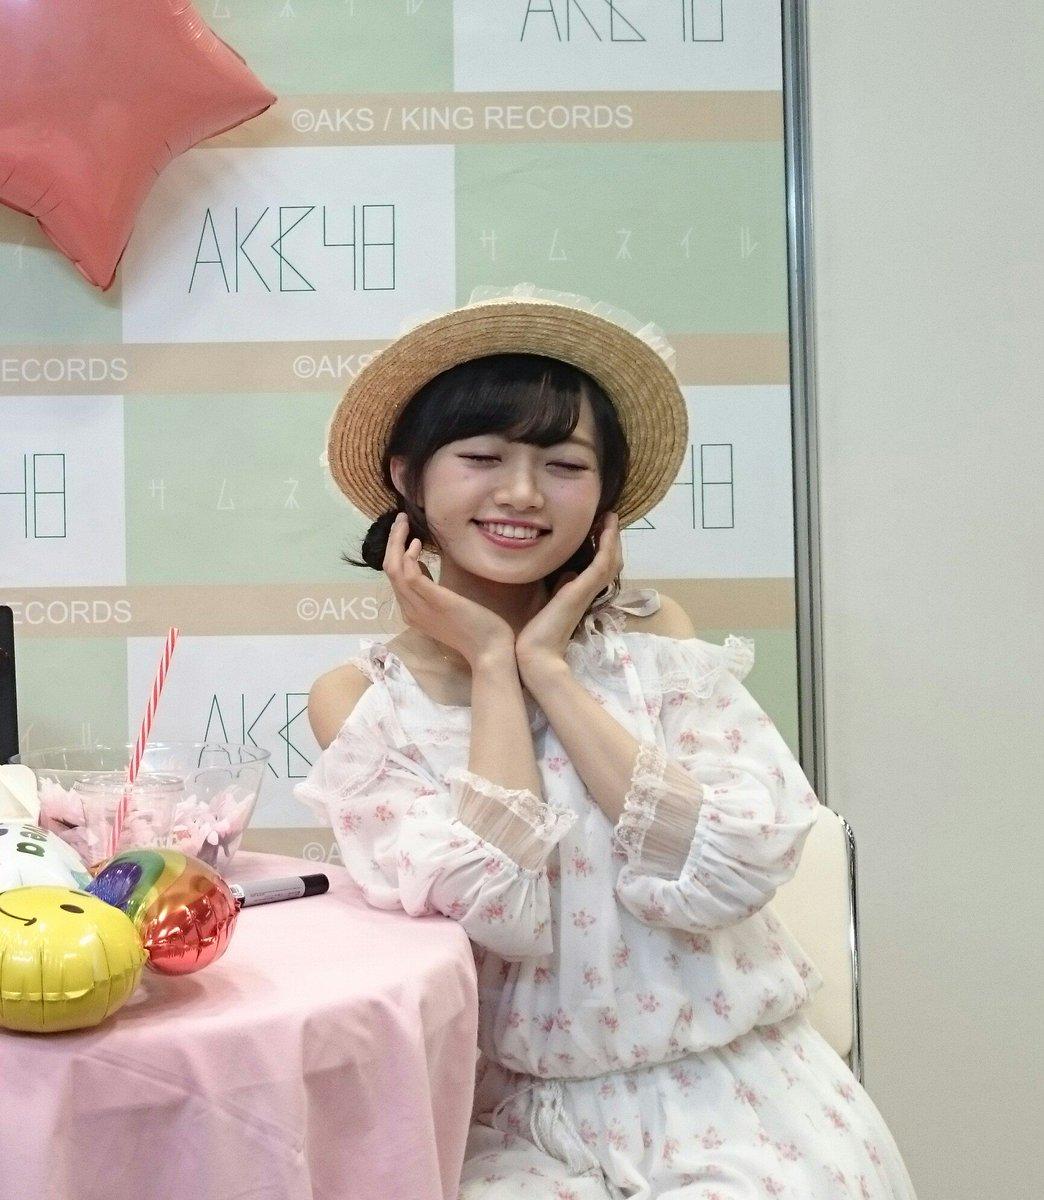 今日も今日とて推しが可愛い😊 幸せな顔のポーズ✨  #りか姫のことが好きだから  #中井りか #NGT48 #写メ会